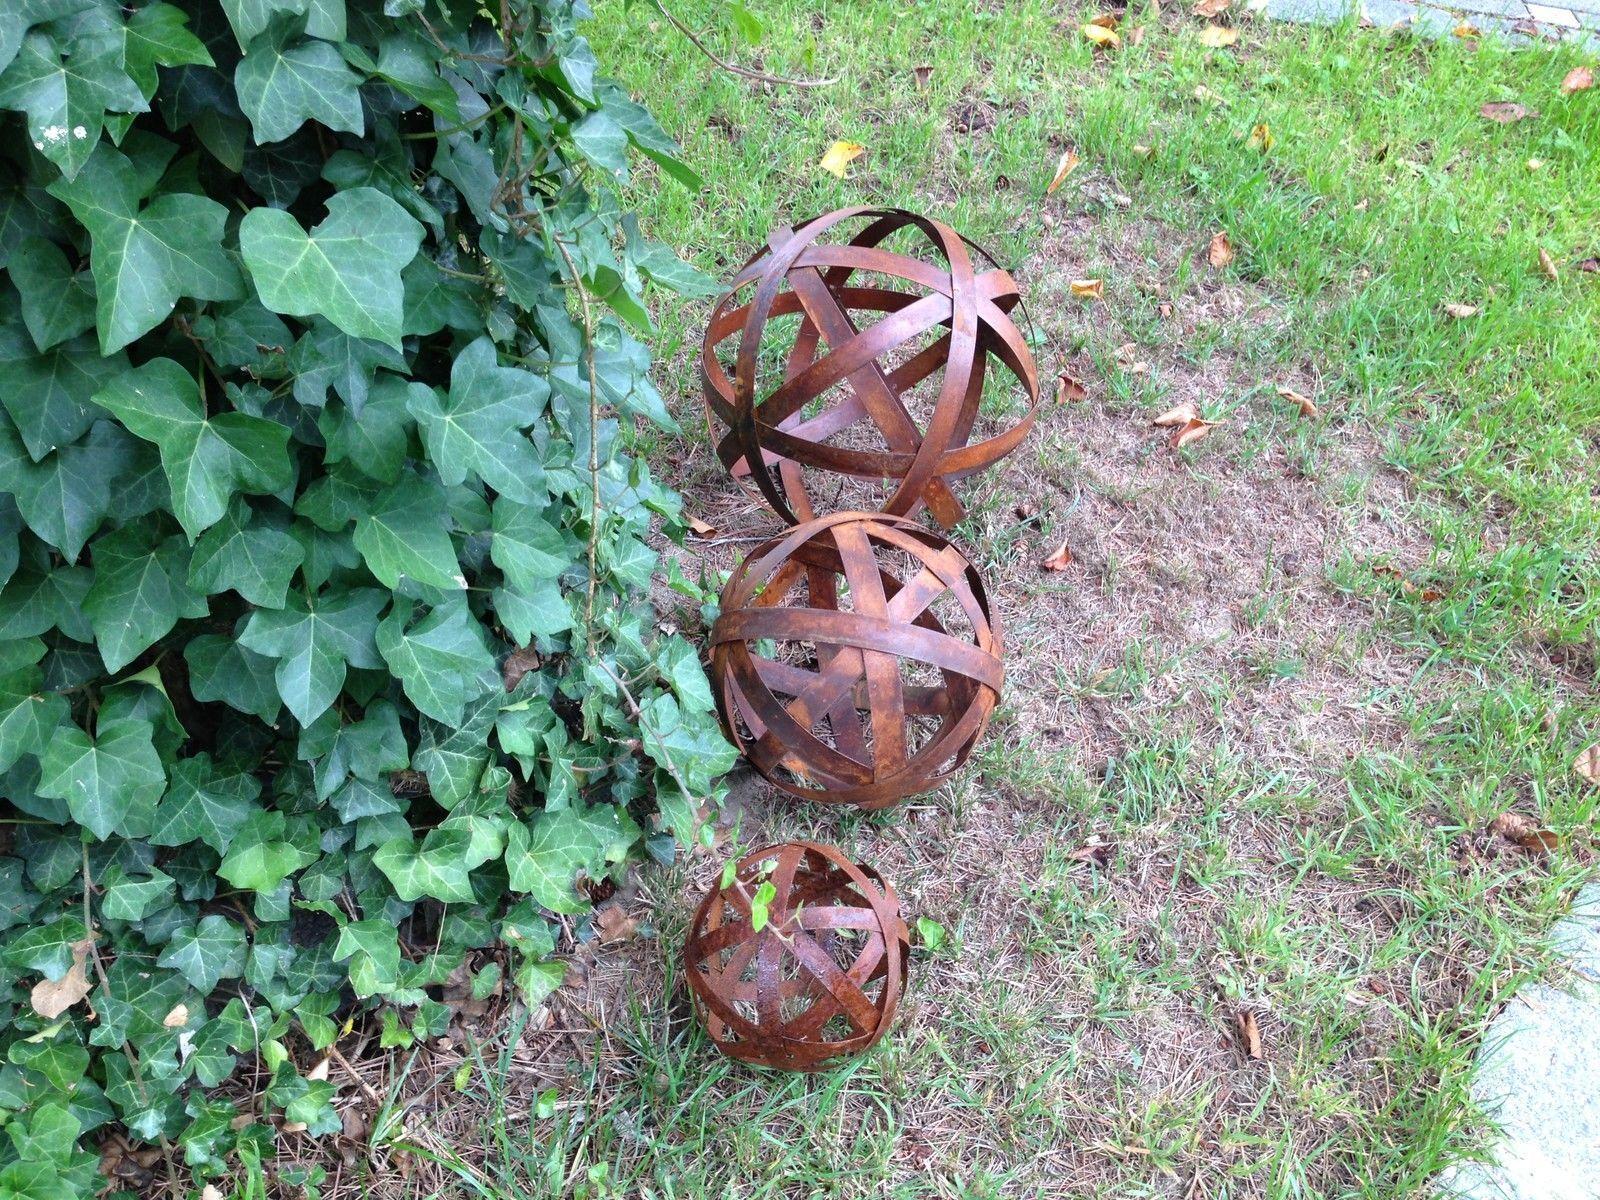 Blechstreifen kugel edelrost 20 50 cm garten deko metall for Kugel deko garten